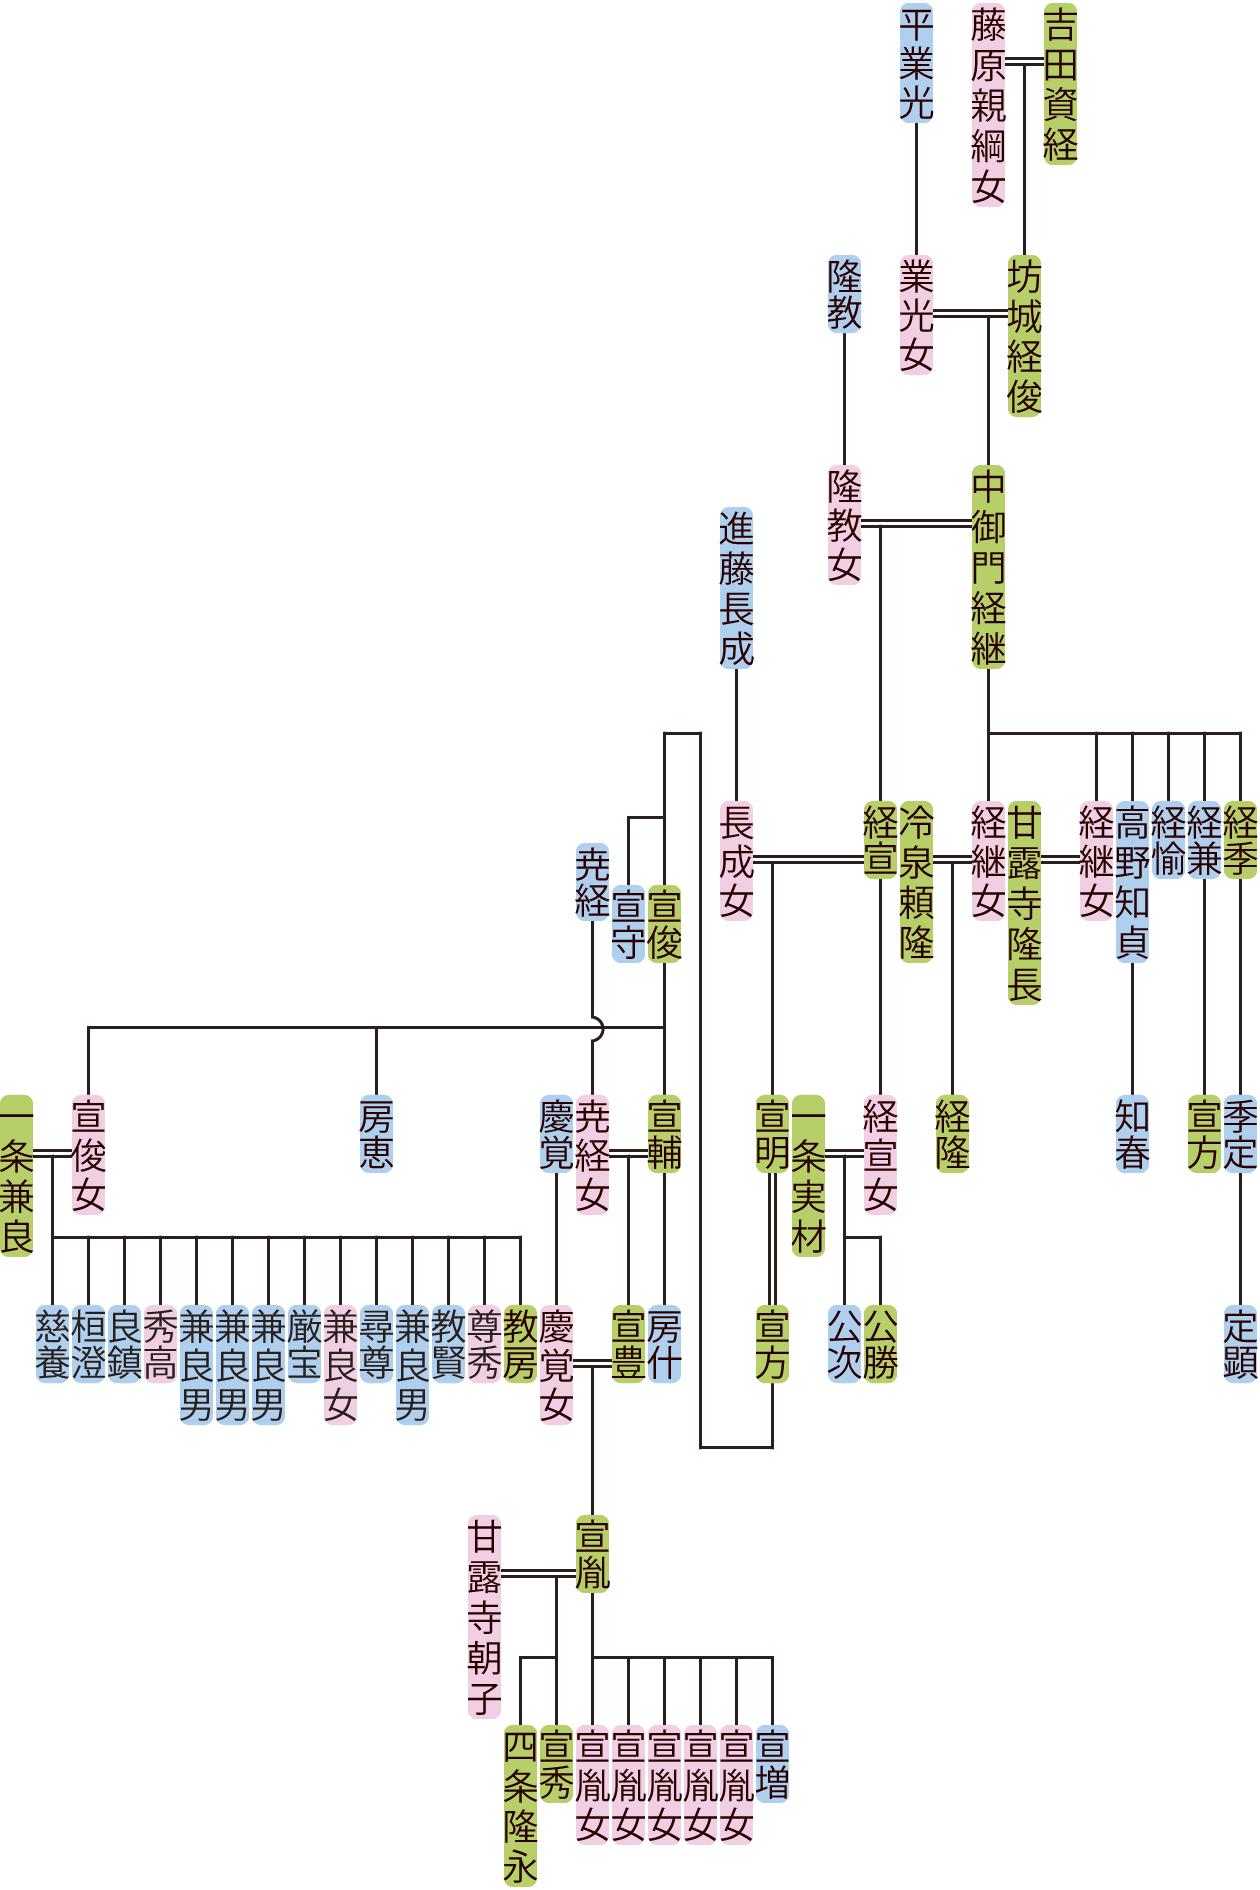 中御門経継~宣豊の系図